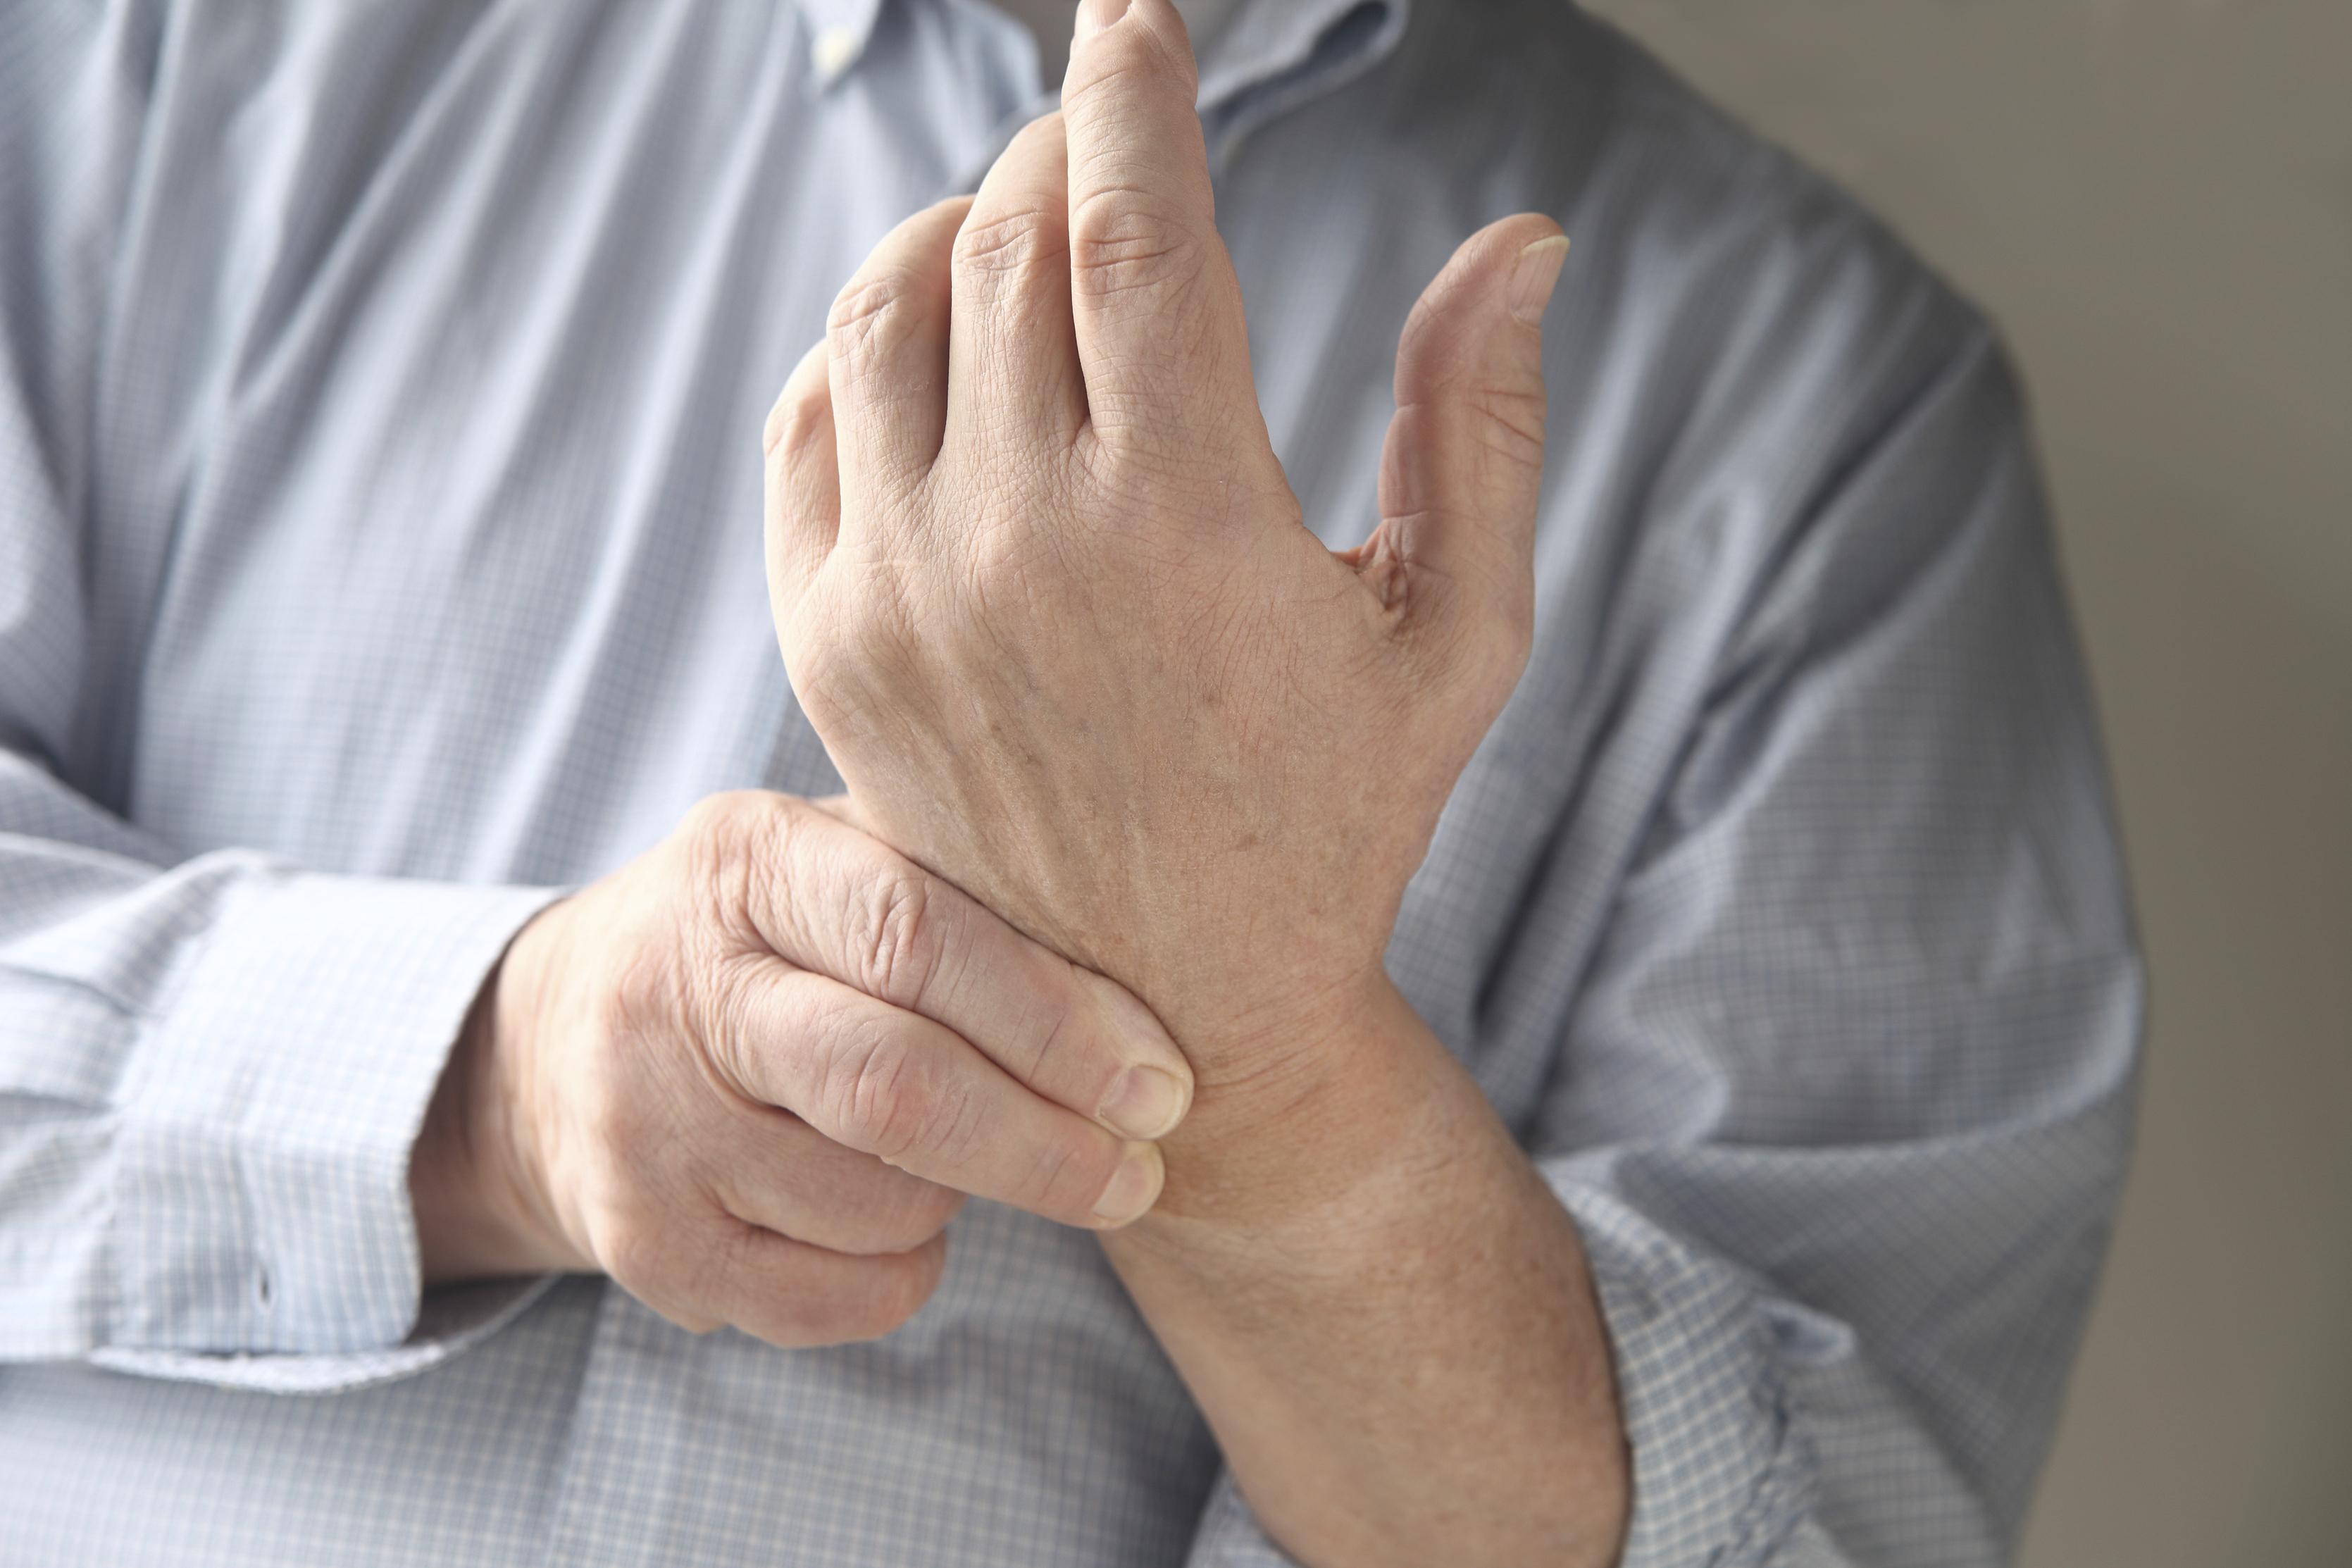 скованность тугоподвижность отечность суставов пальцев рук нетрадиционные методы лечени